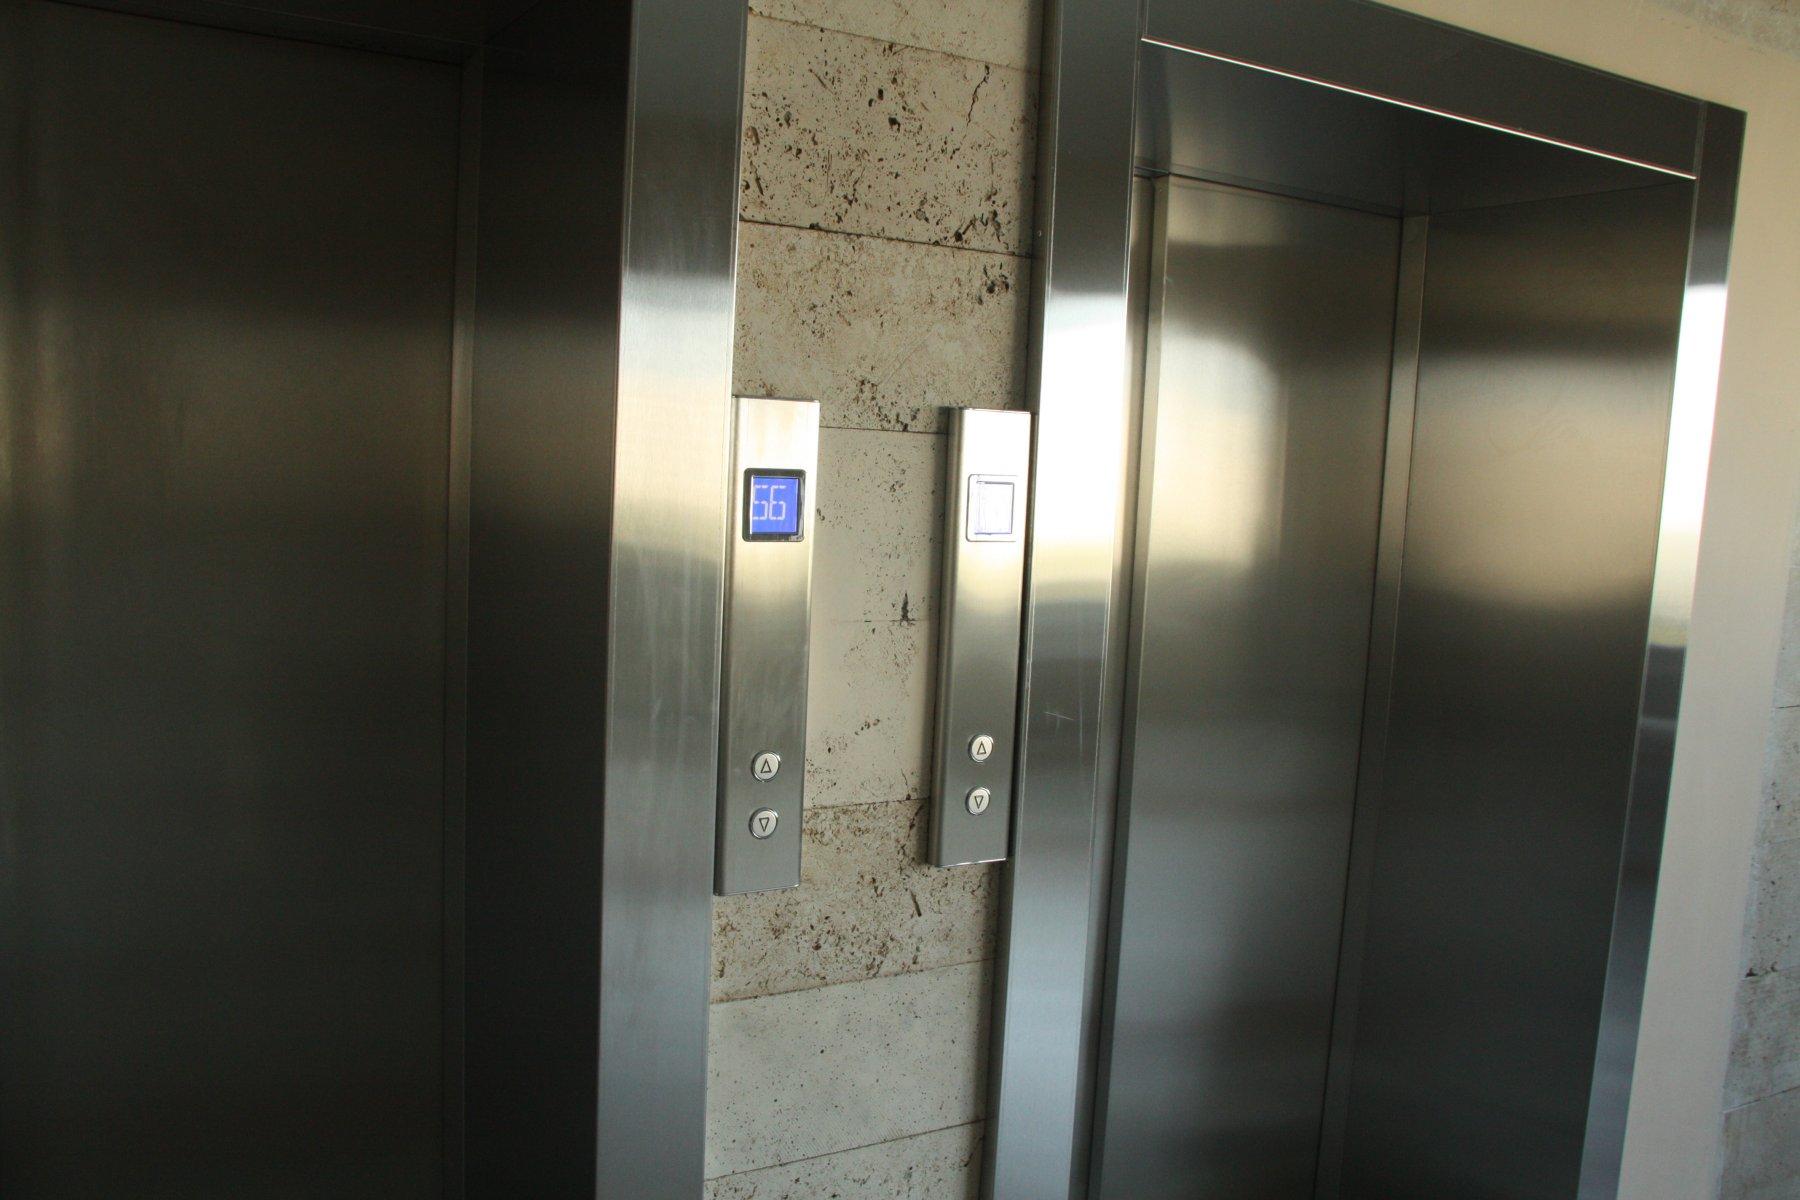 Союзлифтмонтаж, монтажная компания, Сокольническая 4-я, 1а (203 офис; 2 этаж)